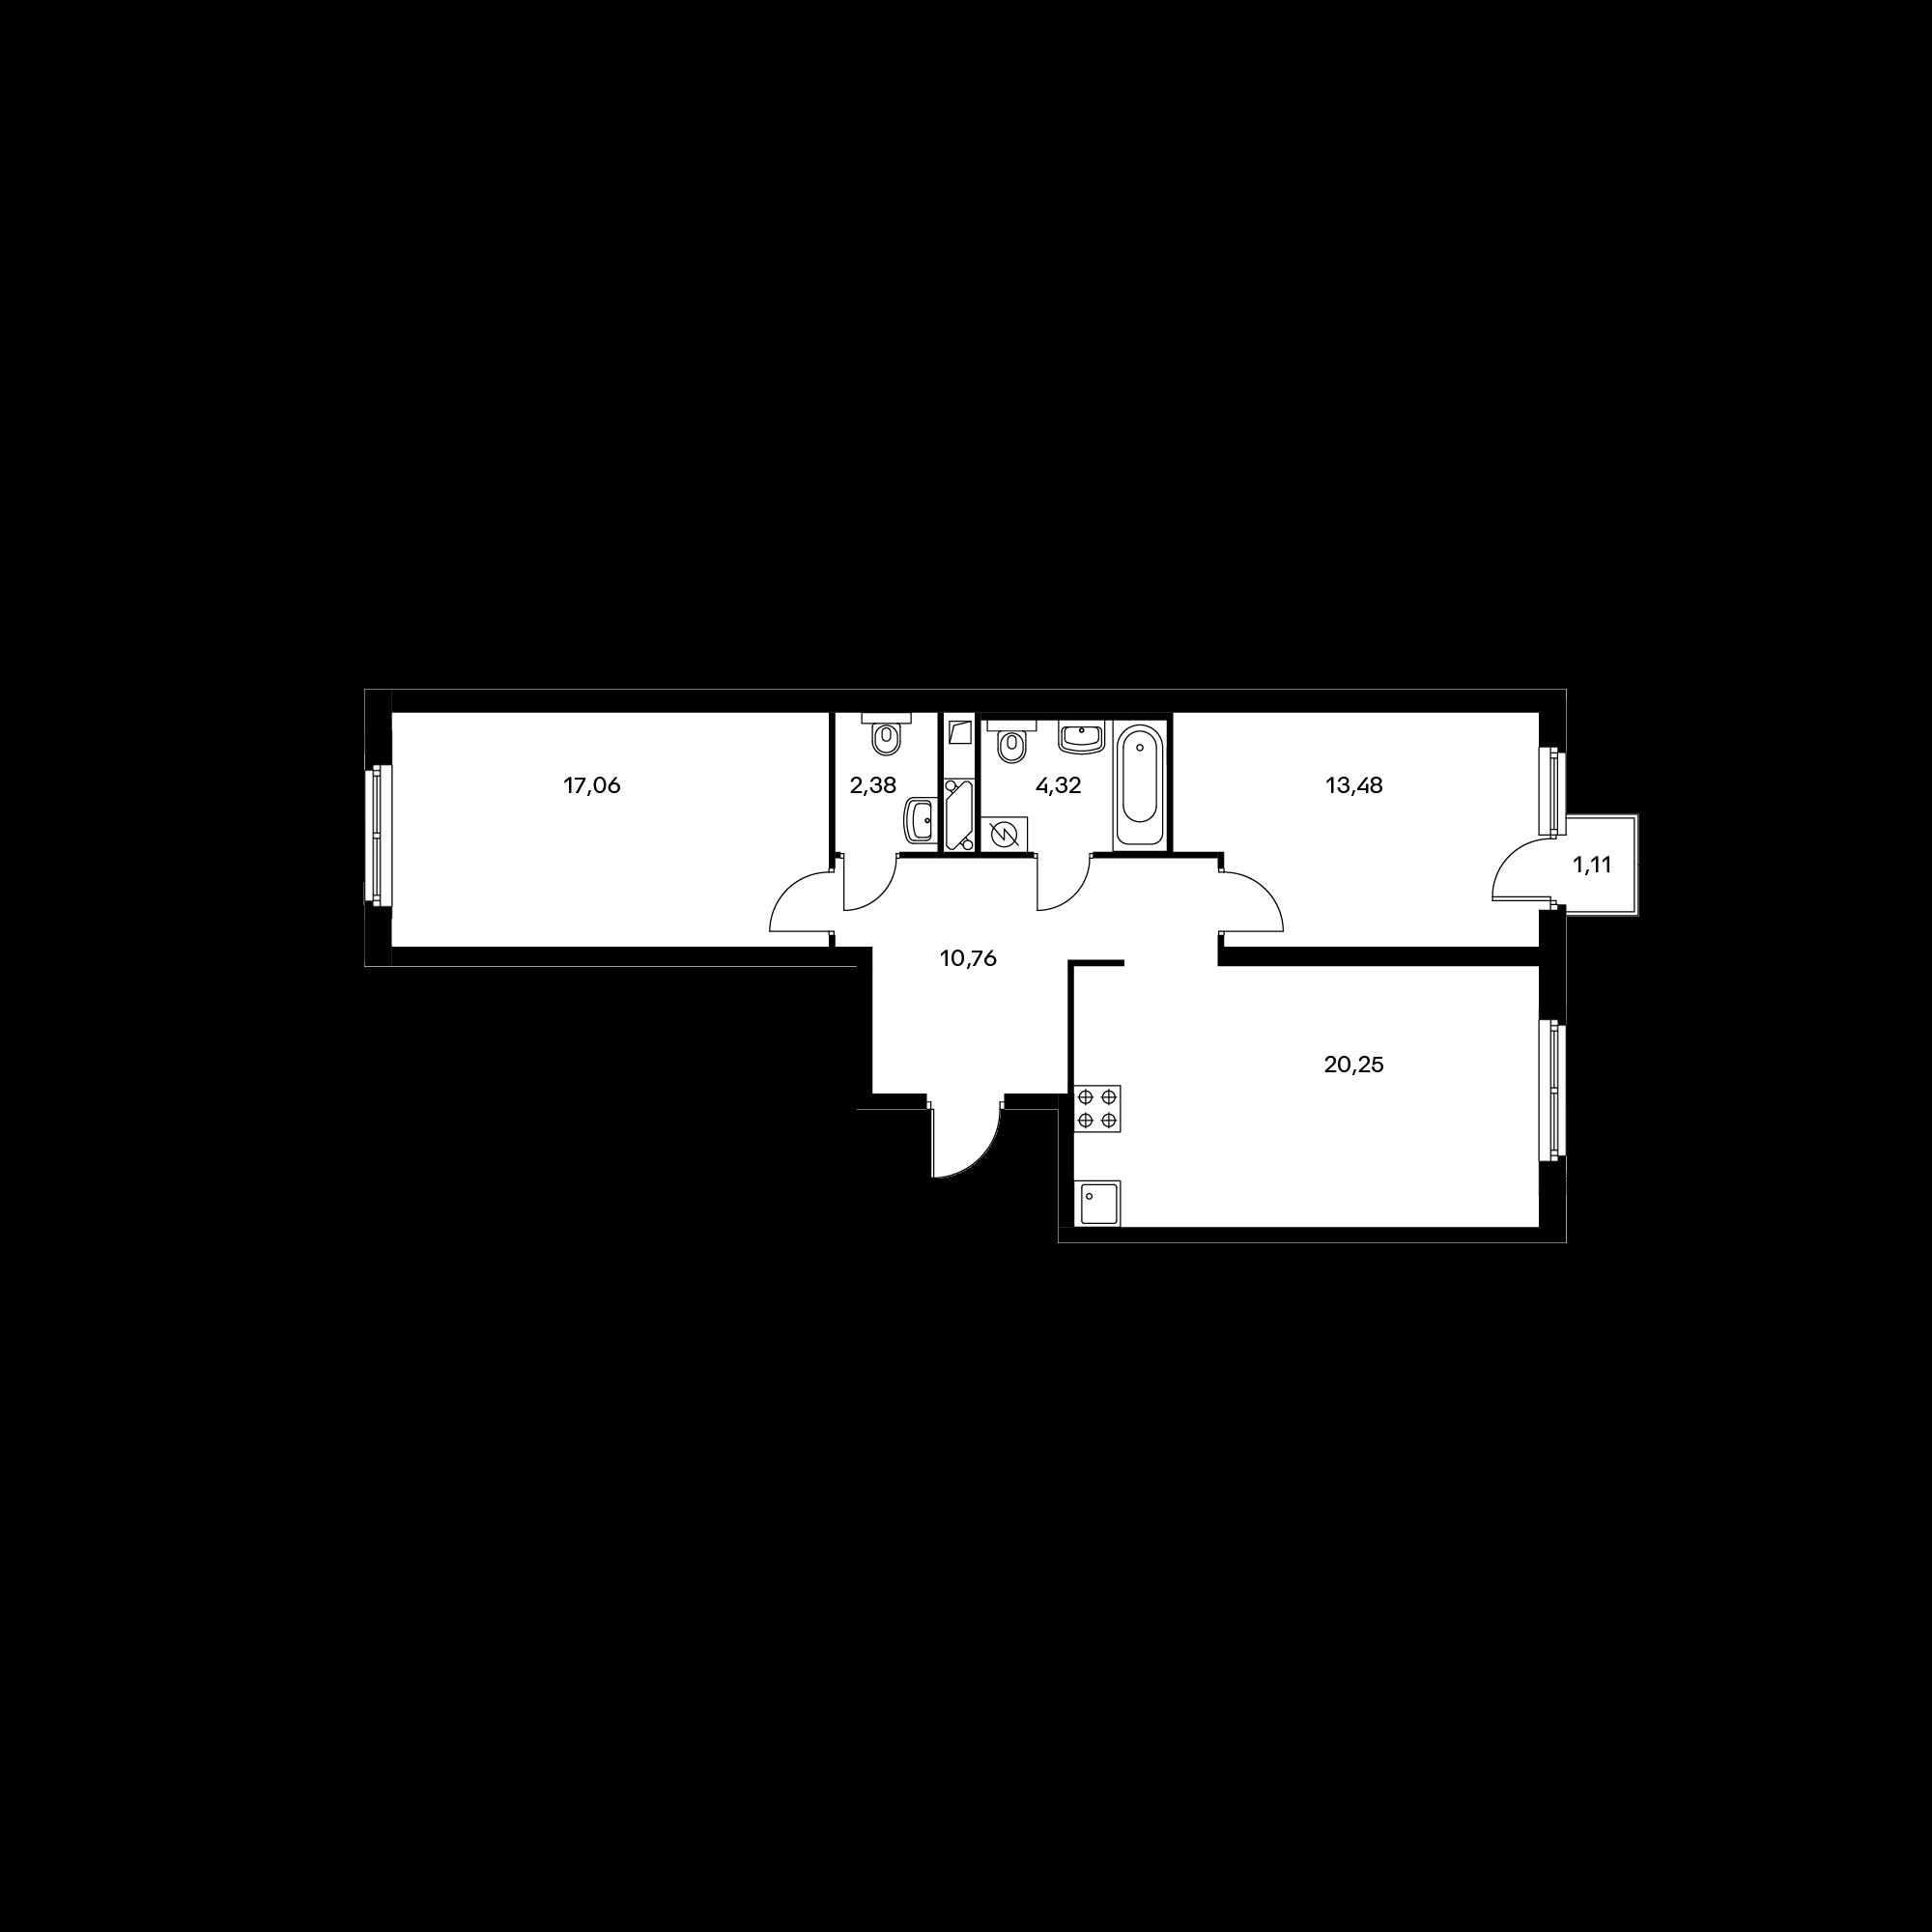 2-комнатная 68.68 м²